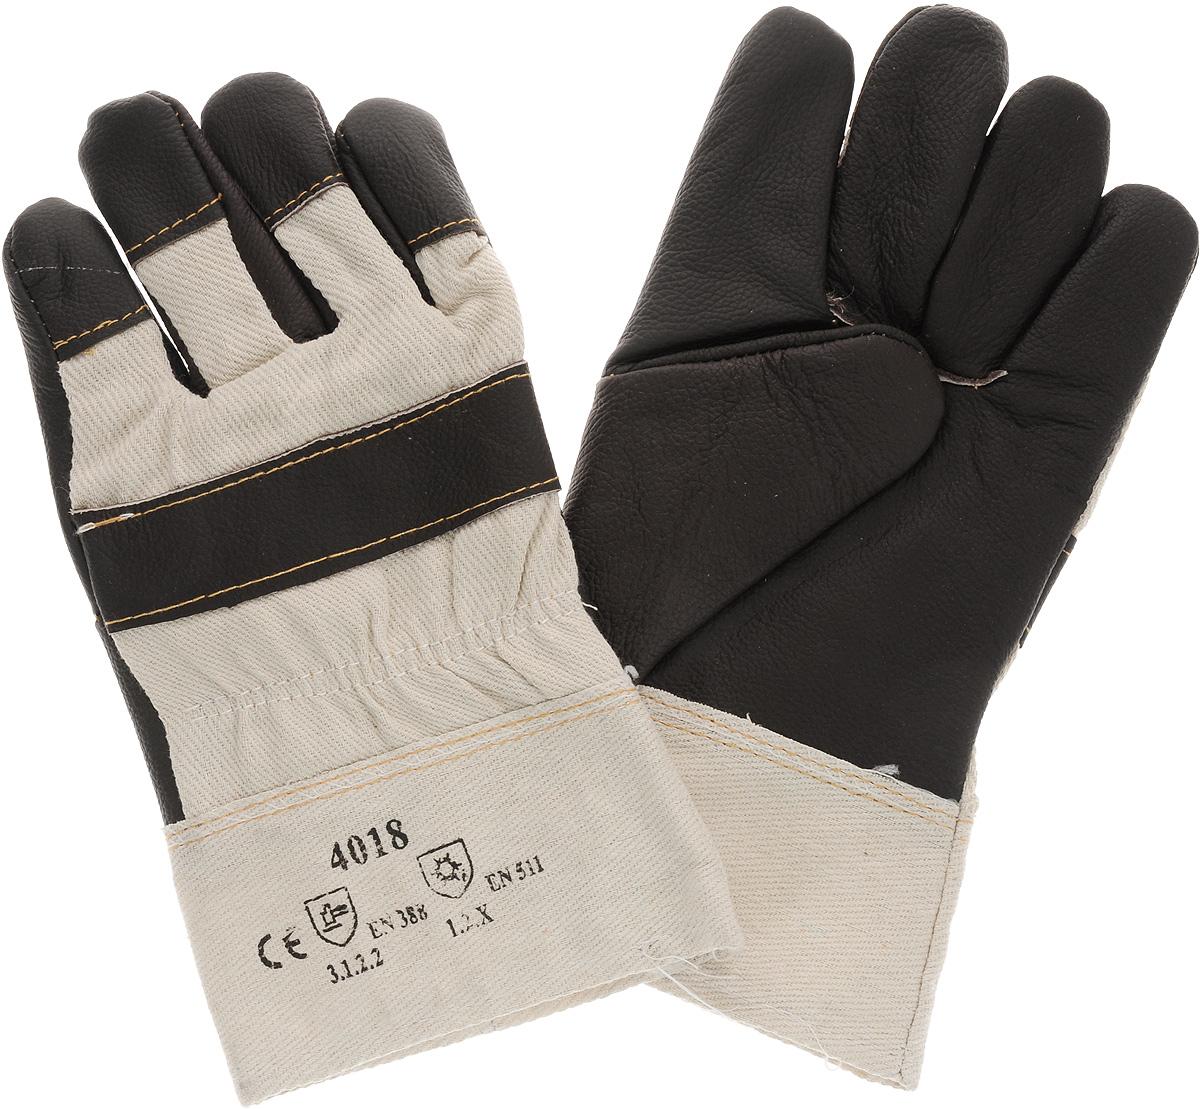 Перчатки защитные Рос, кожаные, цвет: темно-коричневый12445_темно-коричневый